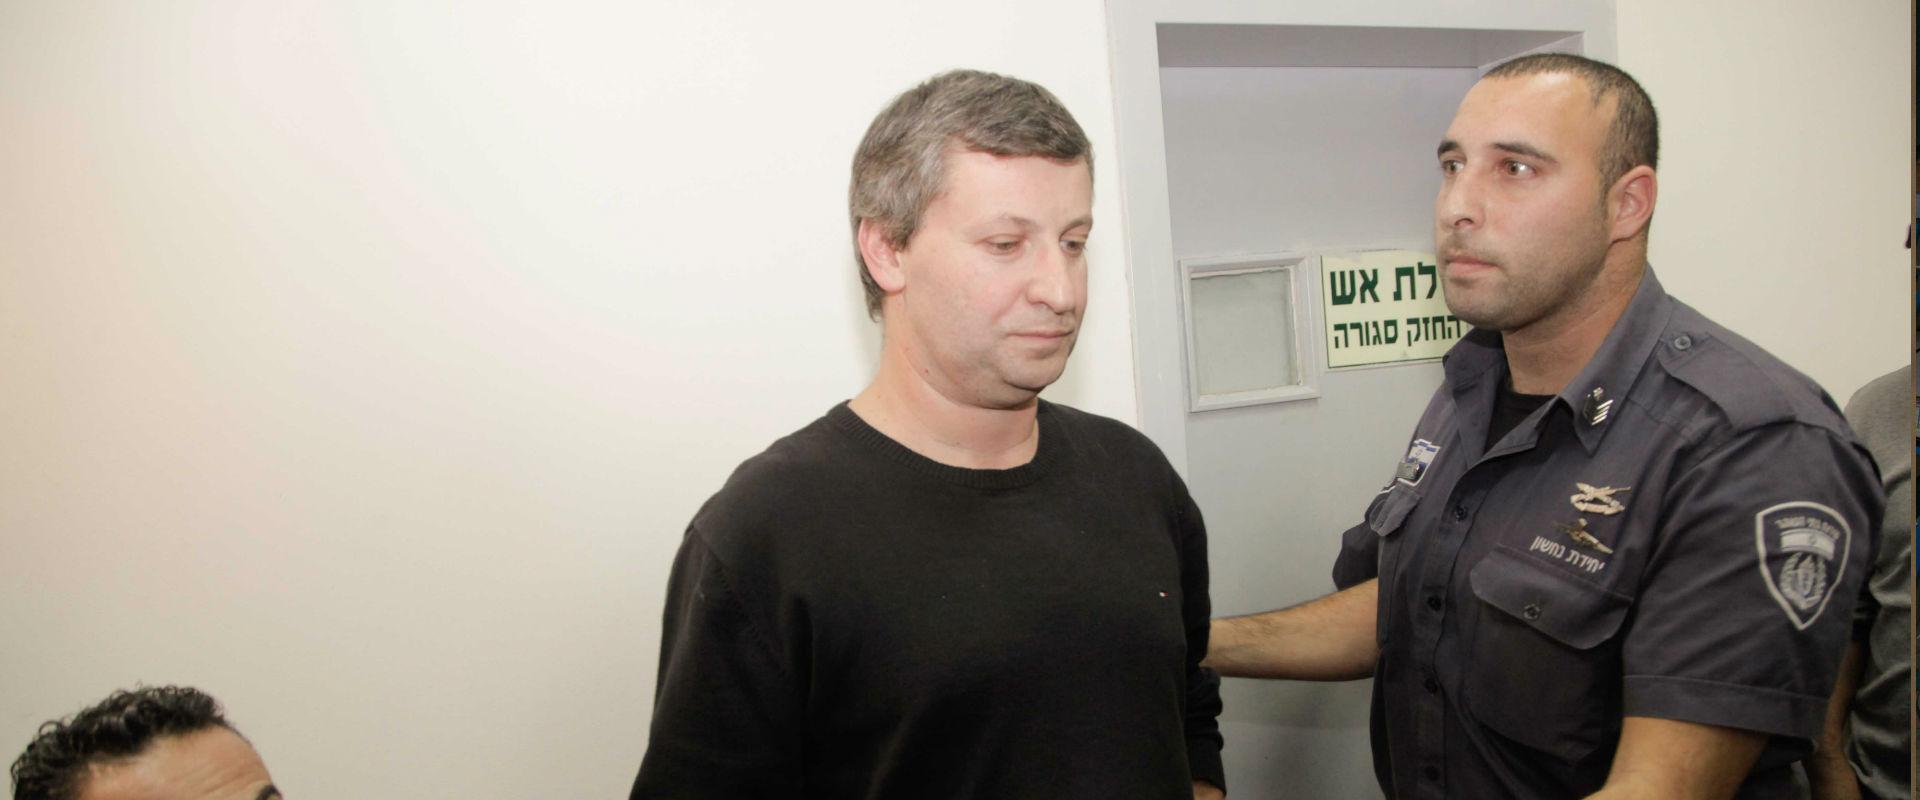 השר לשעבר סטס מיסז'ניקוב